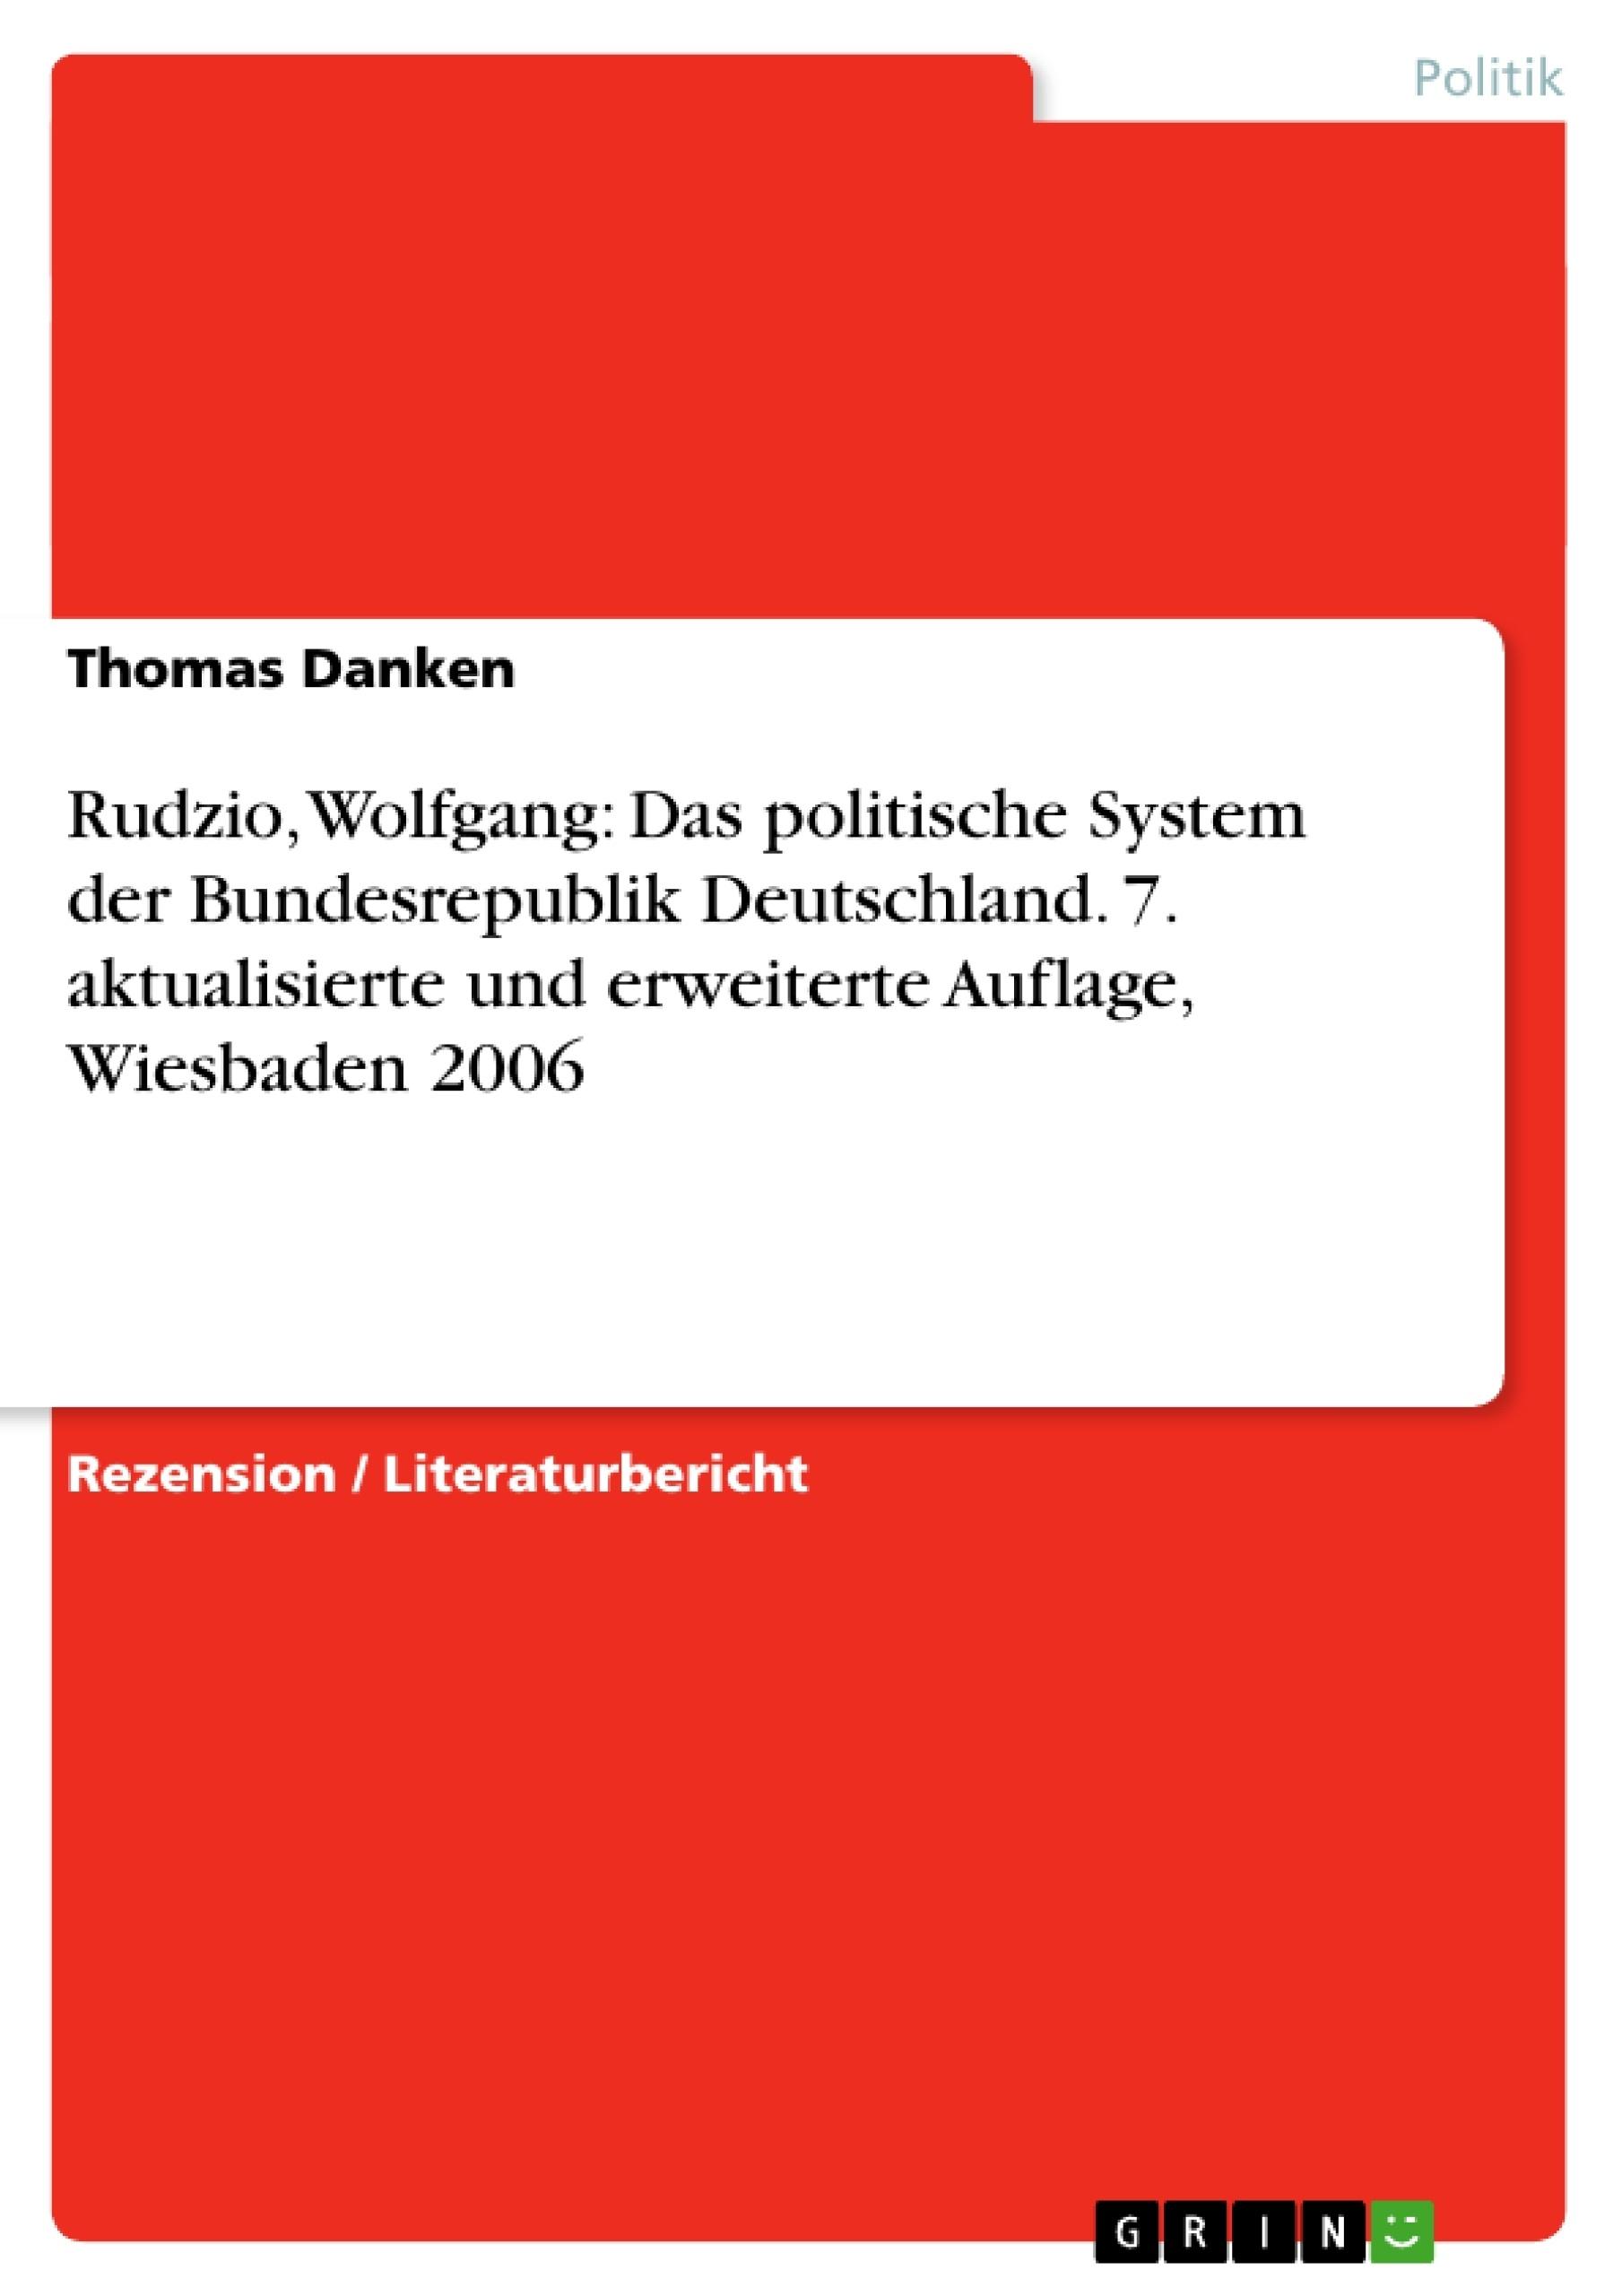 Titel: Rudzio, Wolfgang: Das politische System der Bundesrepublik Deutschland. 7. aktualisierte und erweiterte Auflage, Wiesbaden 2006